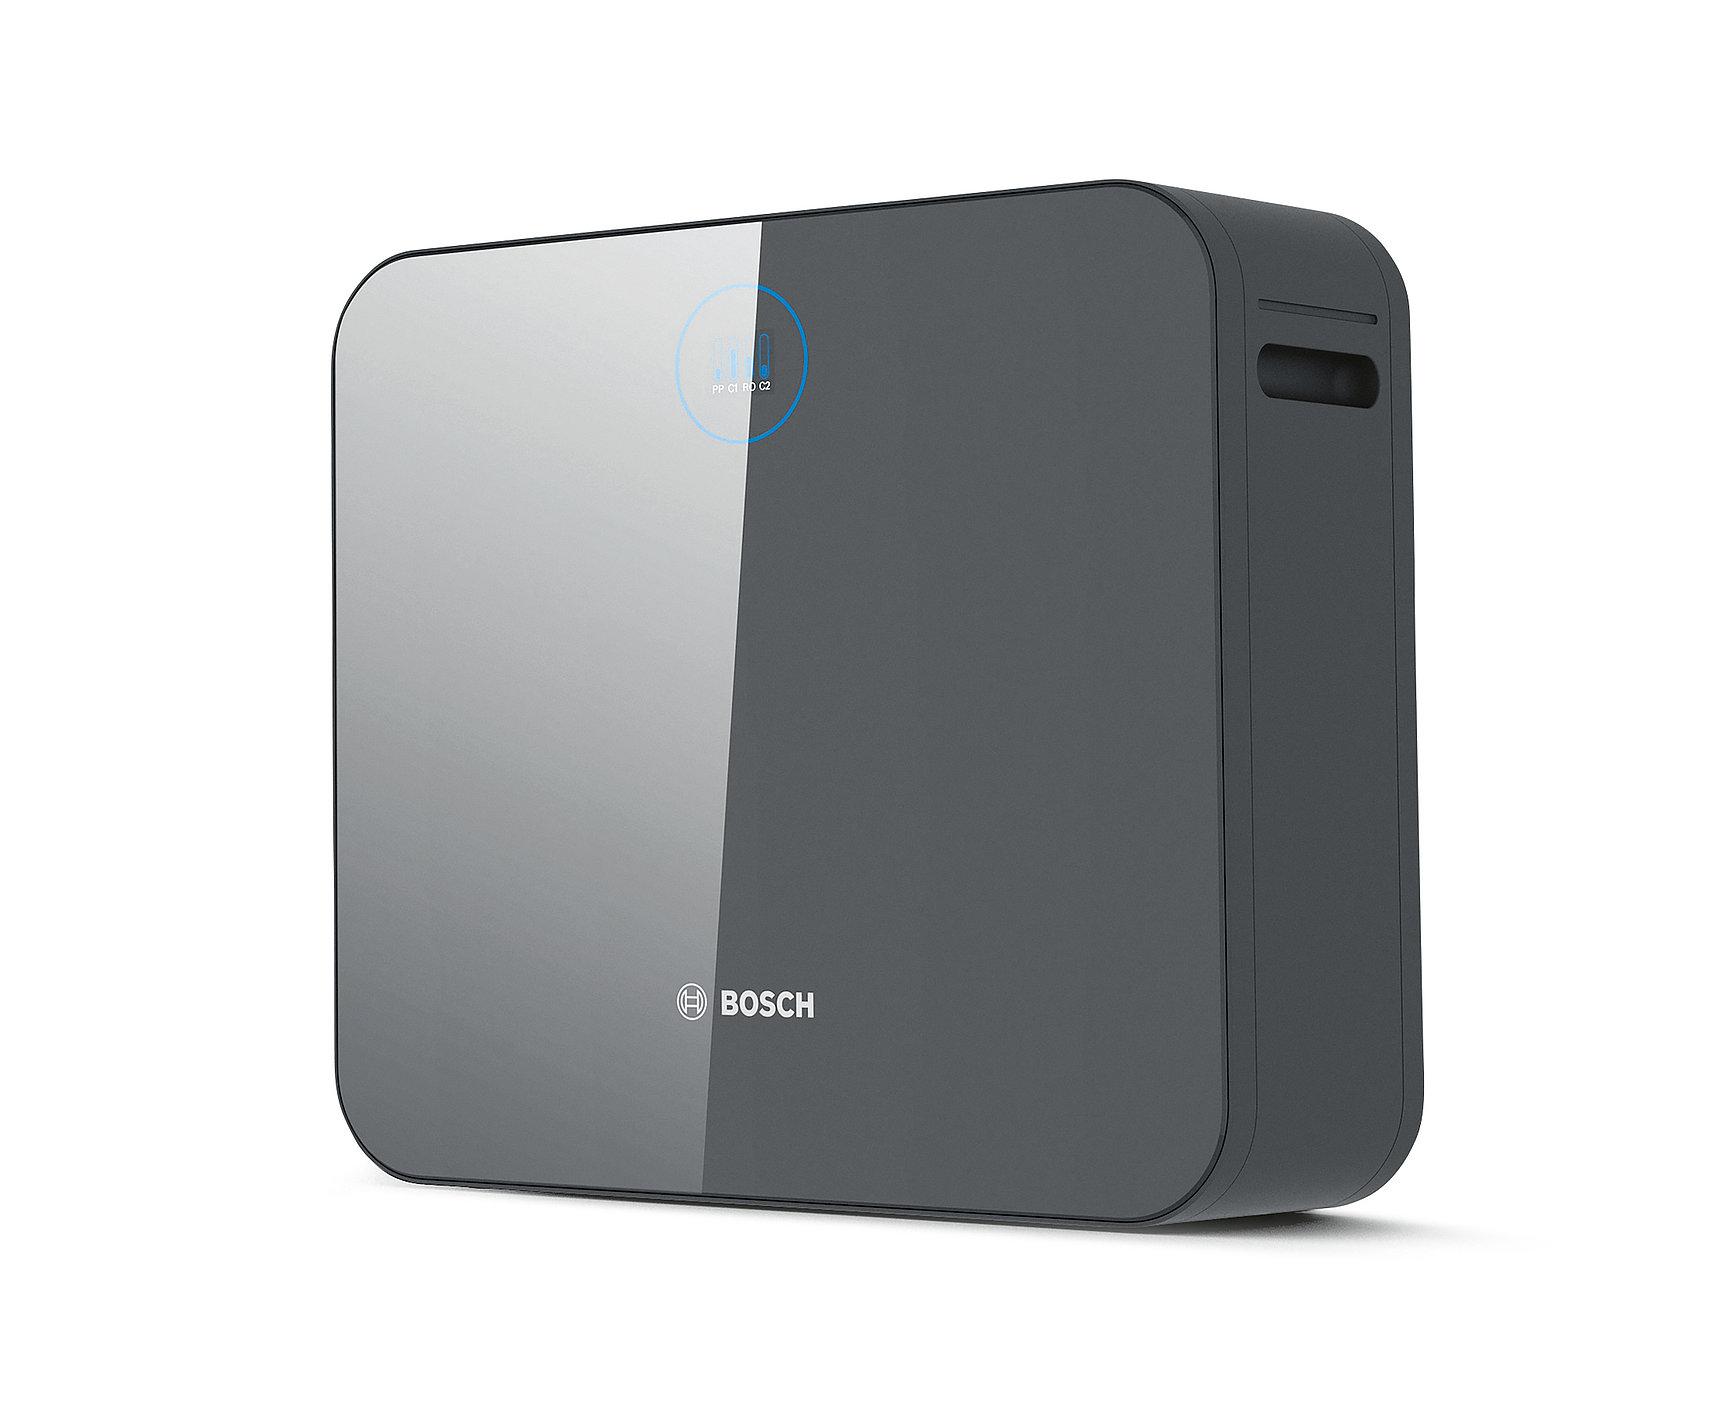 Bosch Aqua 3000 / 5600 / 6600 P   Red Dot Design Award